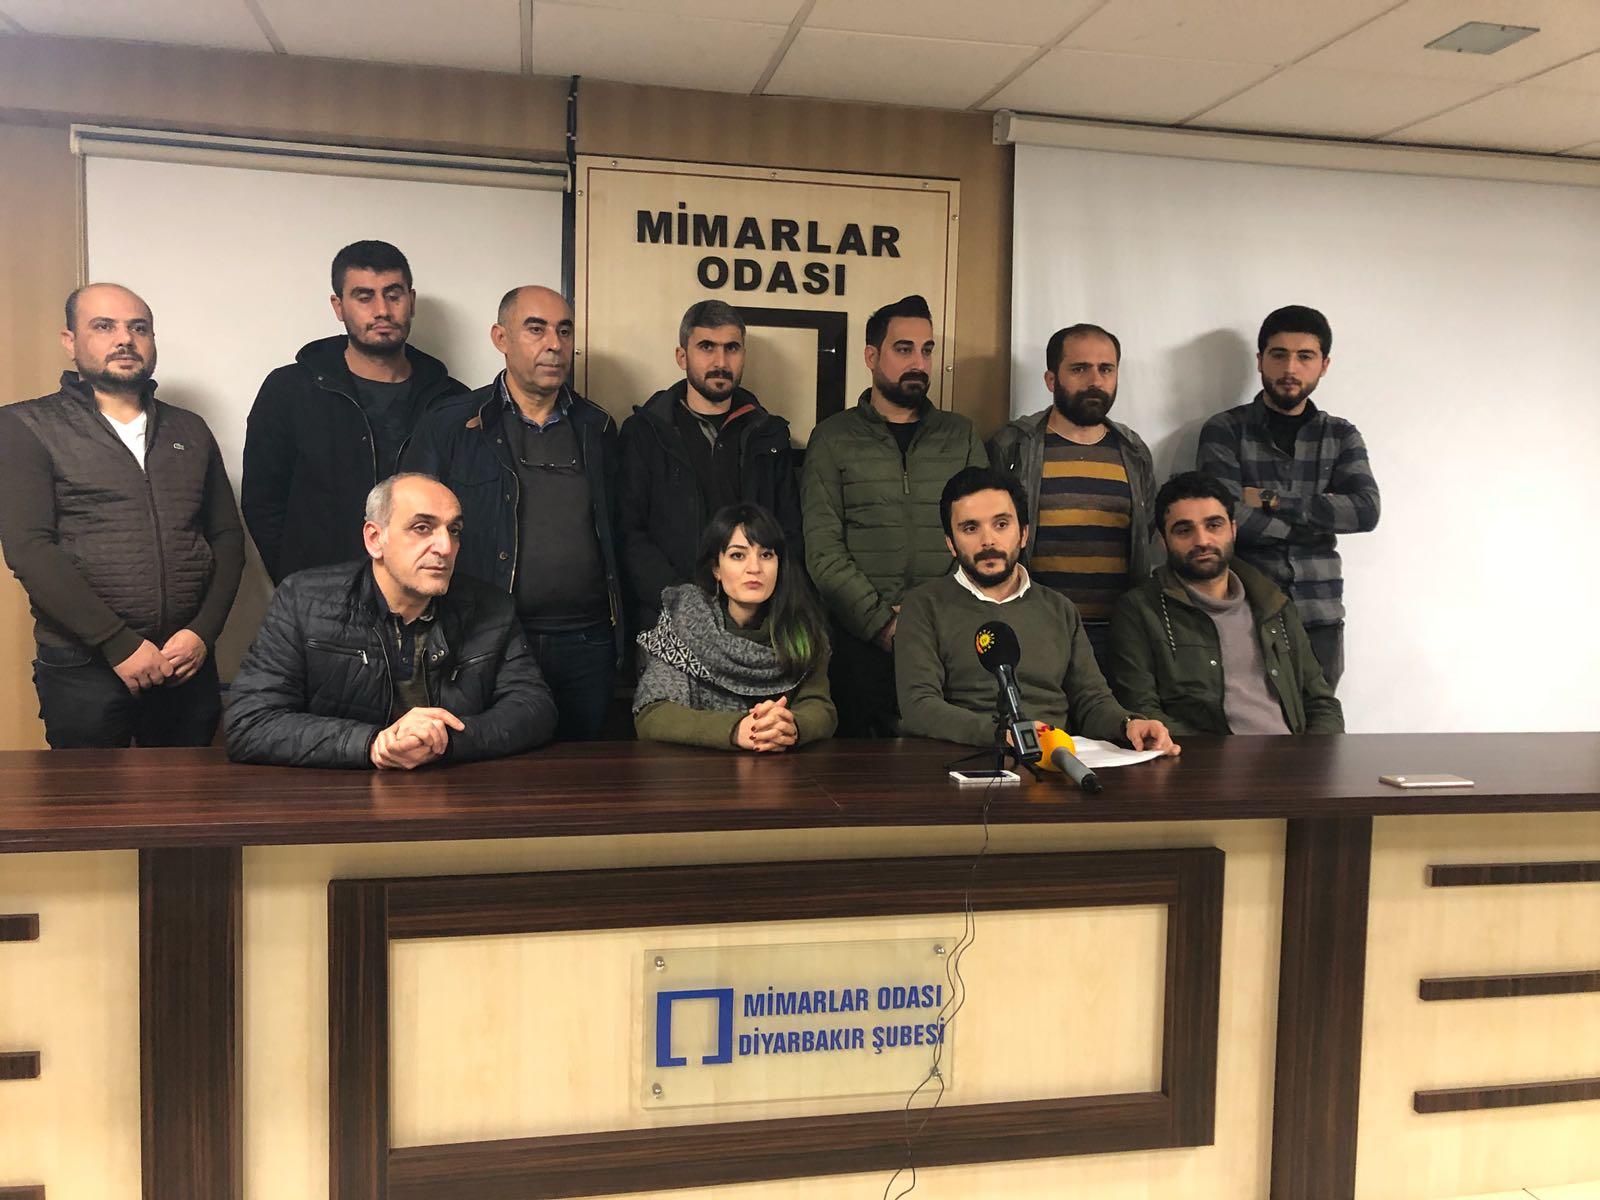 Sur Belediyesinin arsa satışına STK'lardan tepki